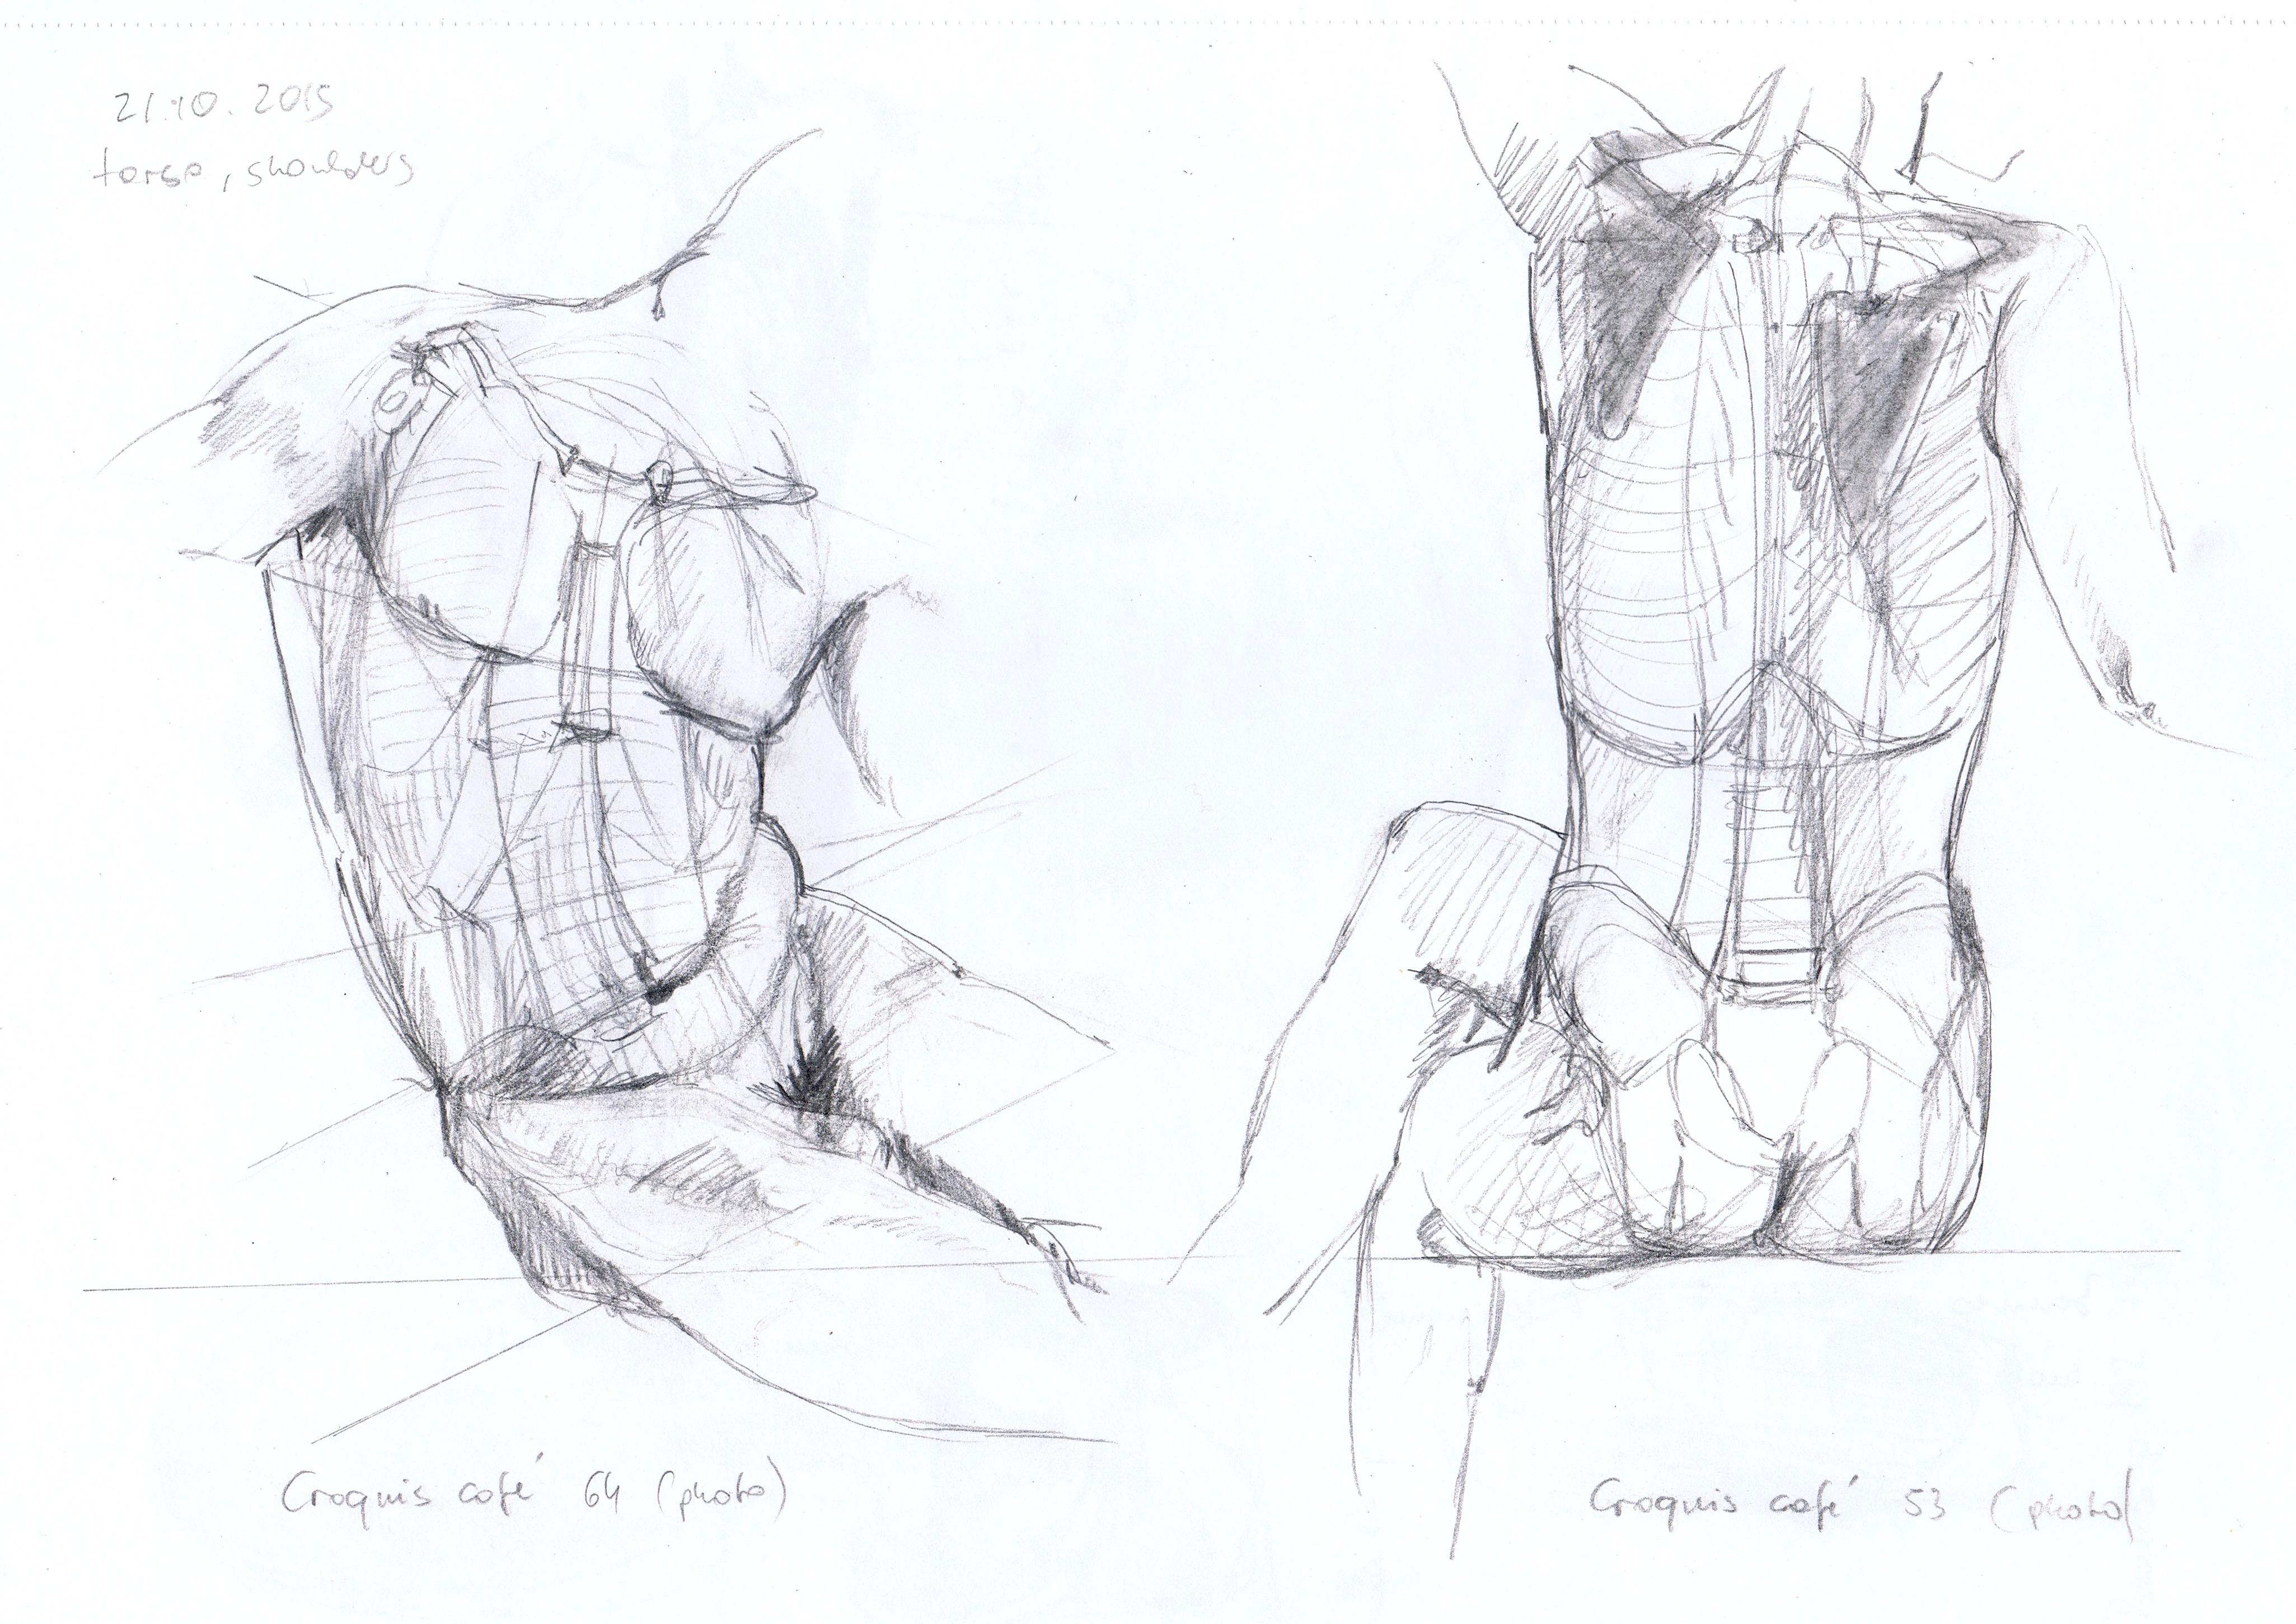 4102x2902 Human Body Andrea's Oca Study Blog